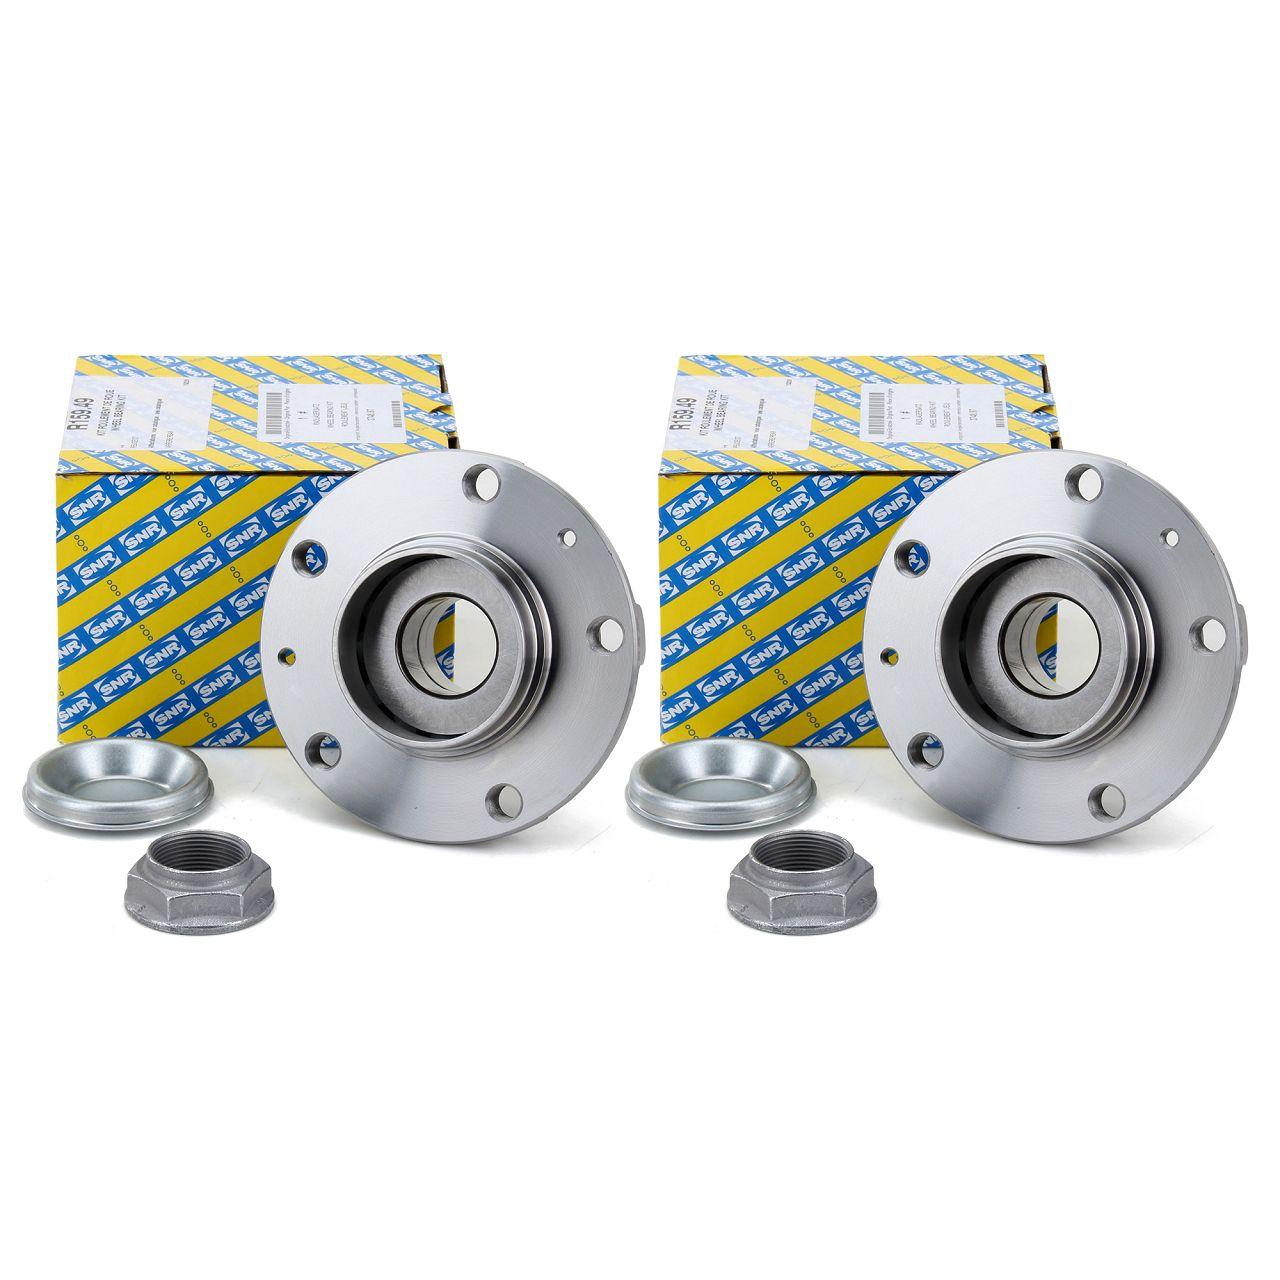 2x SNR R159.49 Radnabe Radlagersatz CITROEN C5 III C6 PEUGEOT 407 508 607 hinten 3748.87